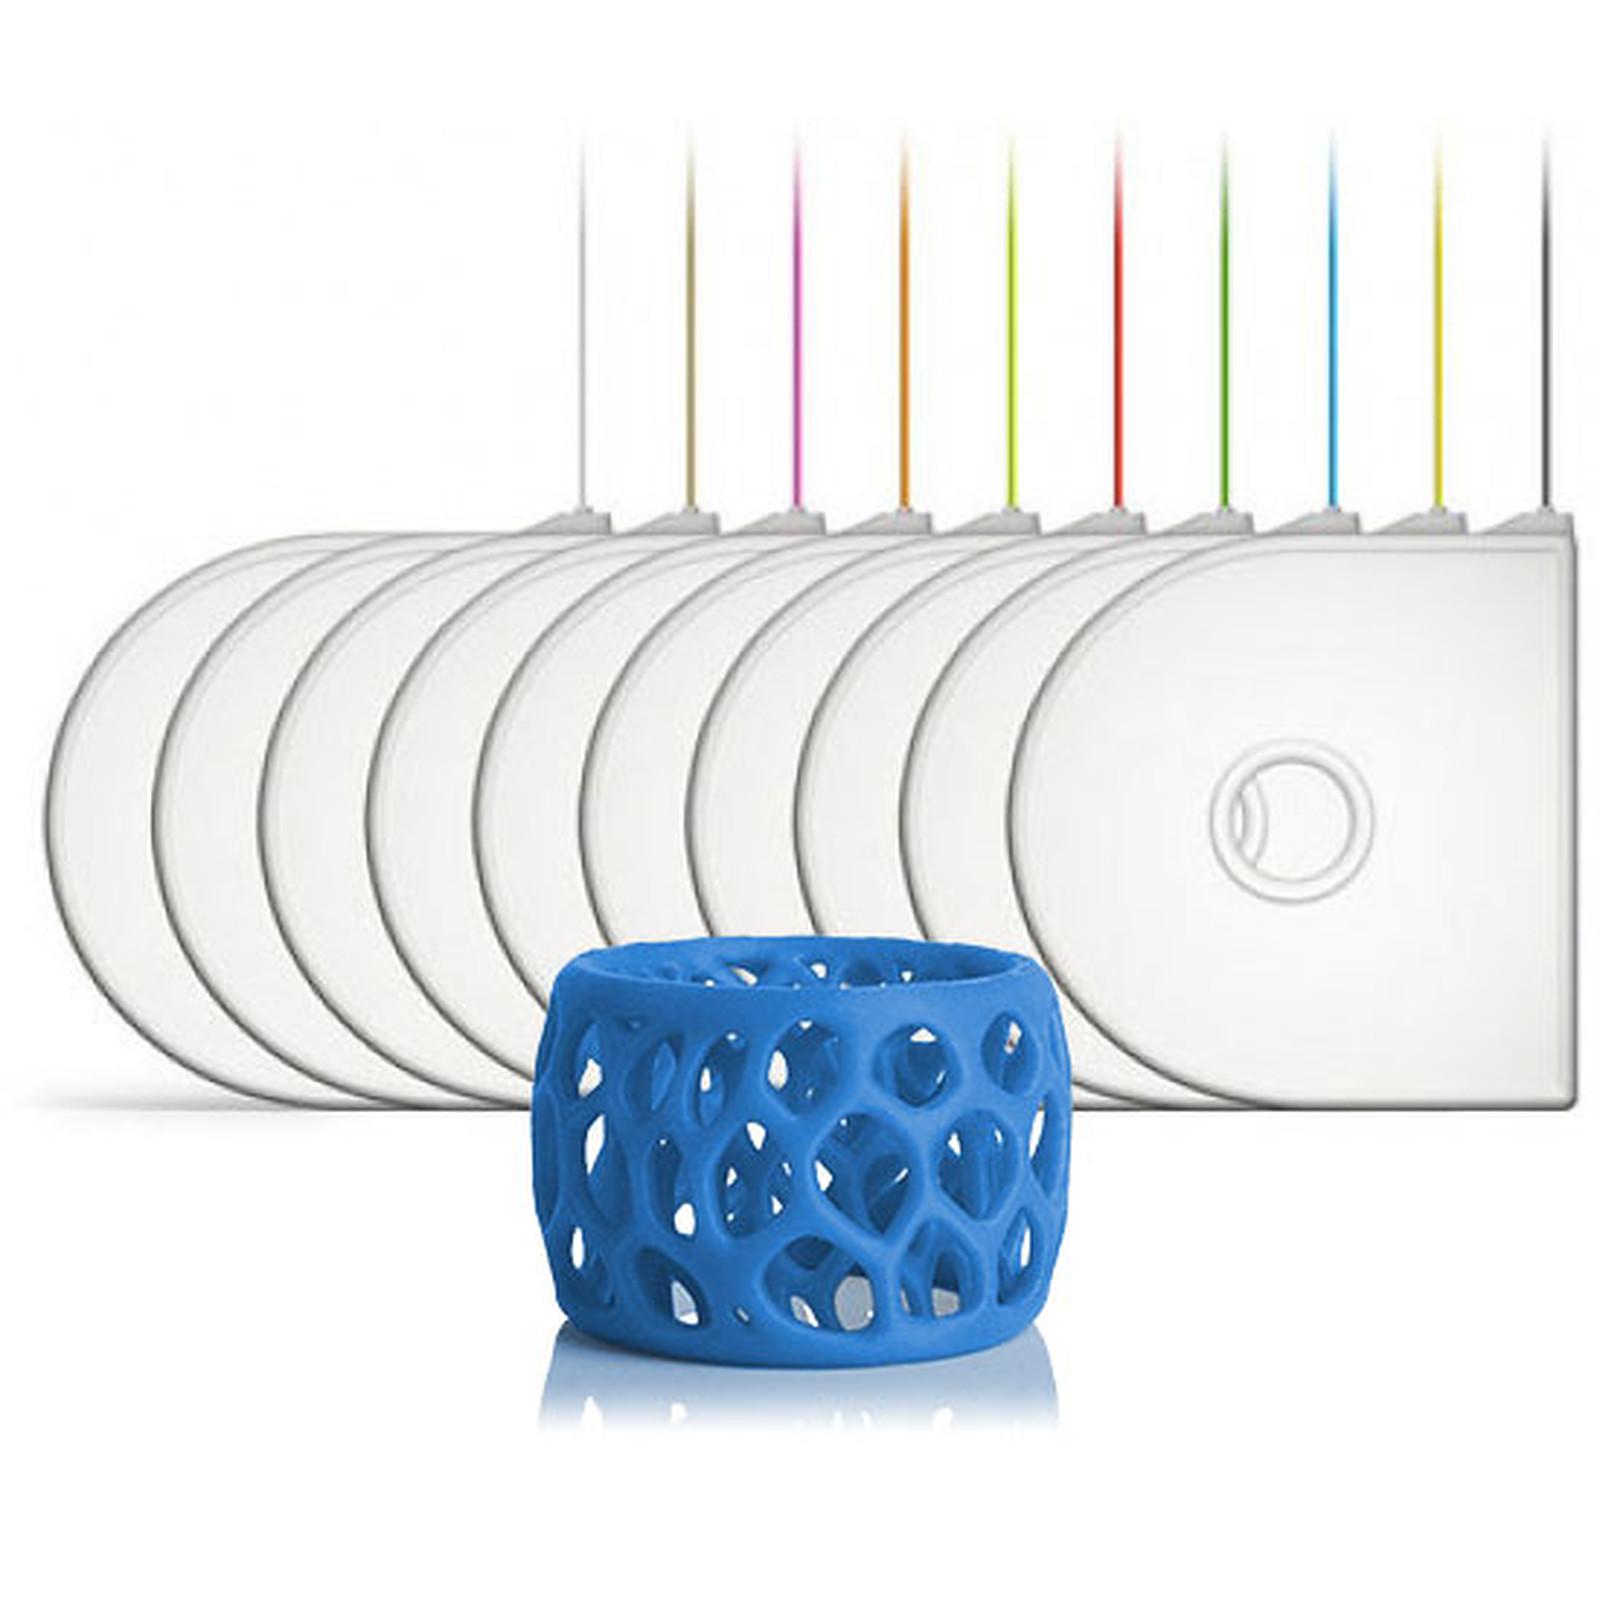 3D Systems 391144 - Cartouche PLA Bleu pour imprimante 3D